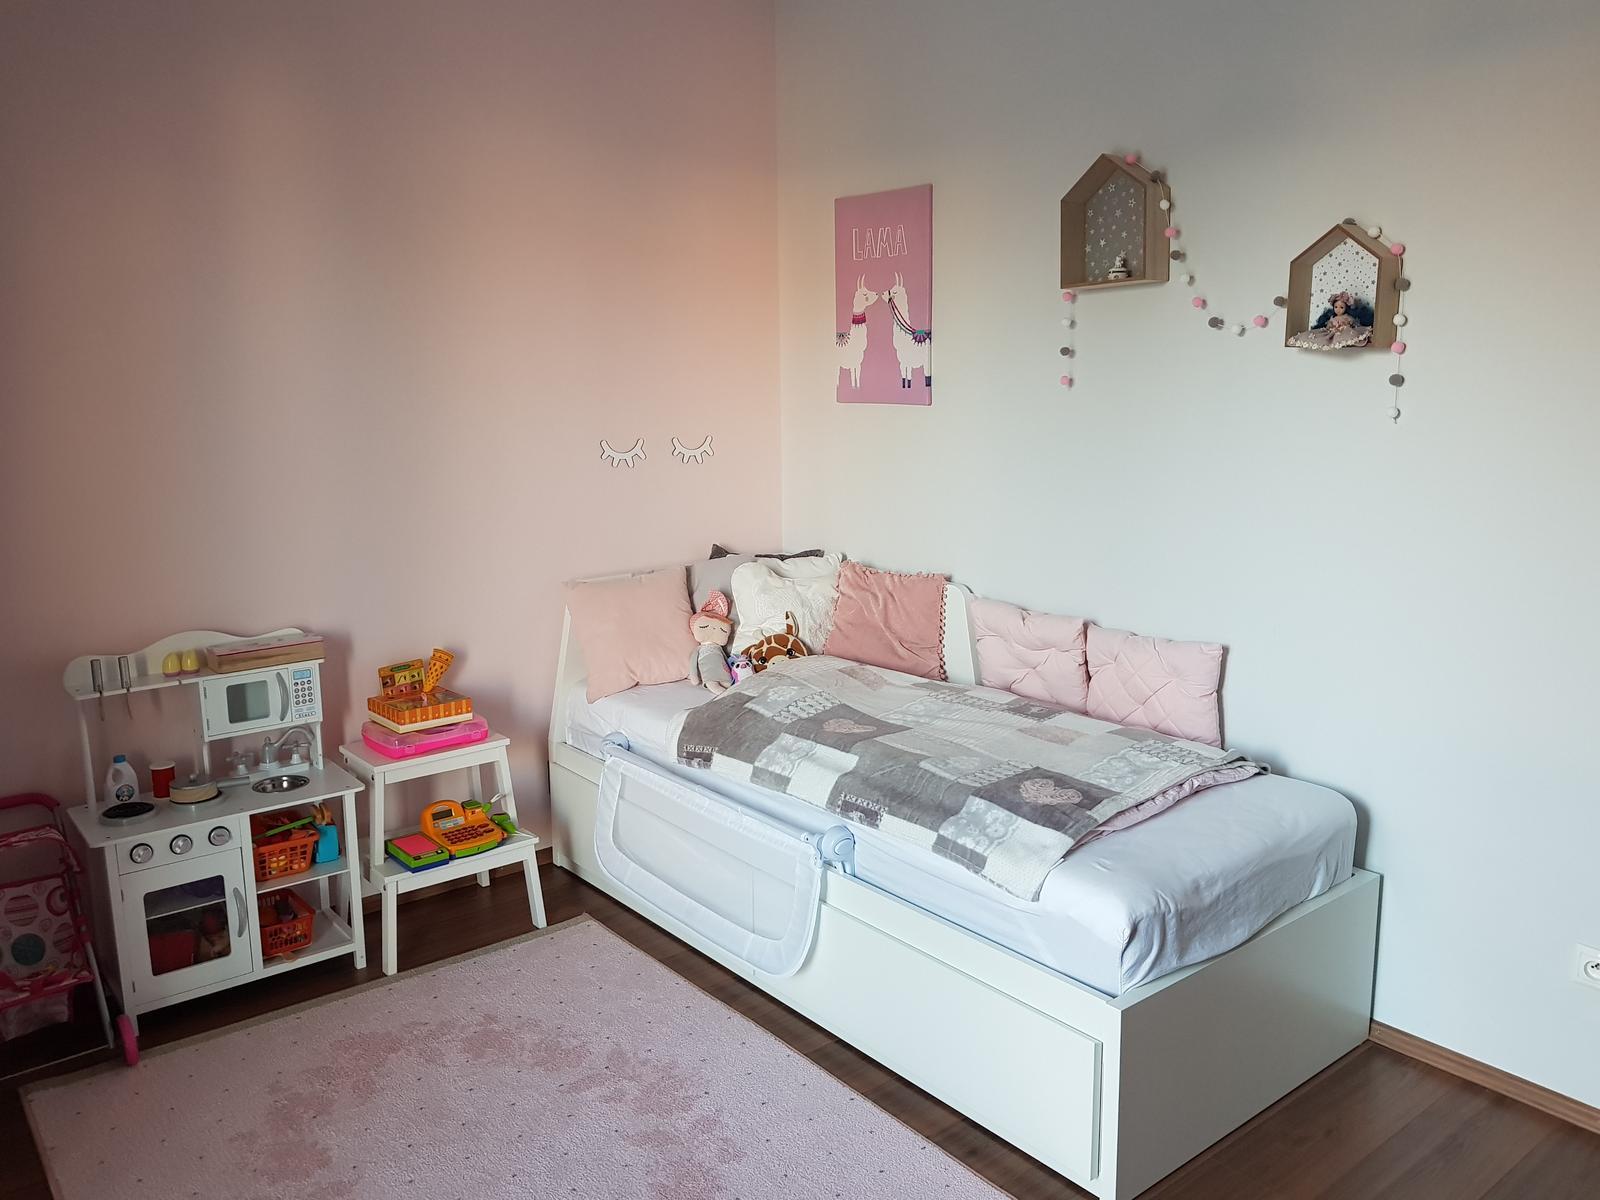 Projekt hostovska  nakoniec detska :-D - Obrázok č. 43